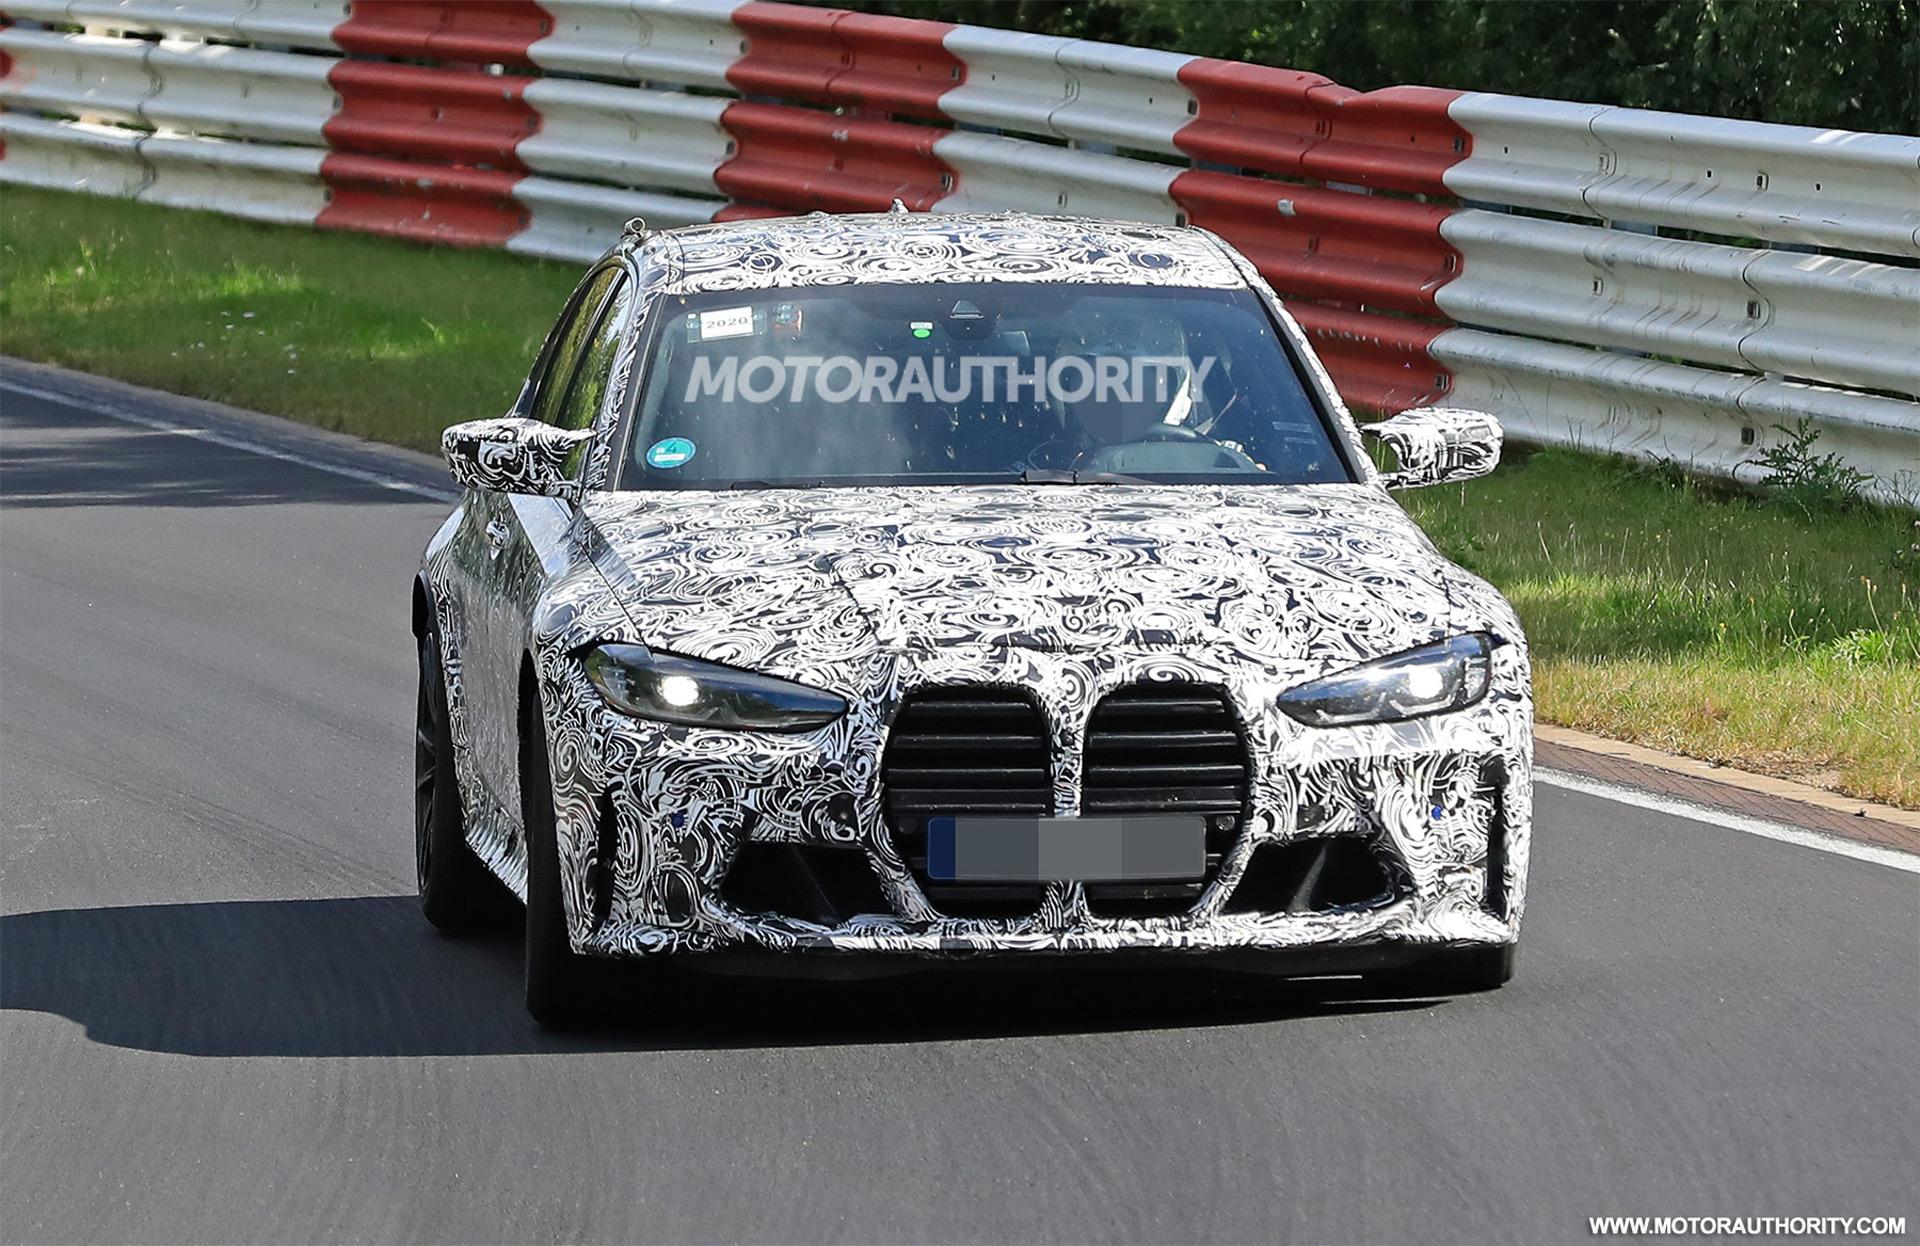 2020 - [BMW] M3/M4 - Page 18 2021-bmw-m3-spy-shots--photo-credit-s-baldauf-sb-medien_100754058_h